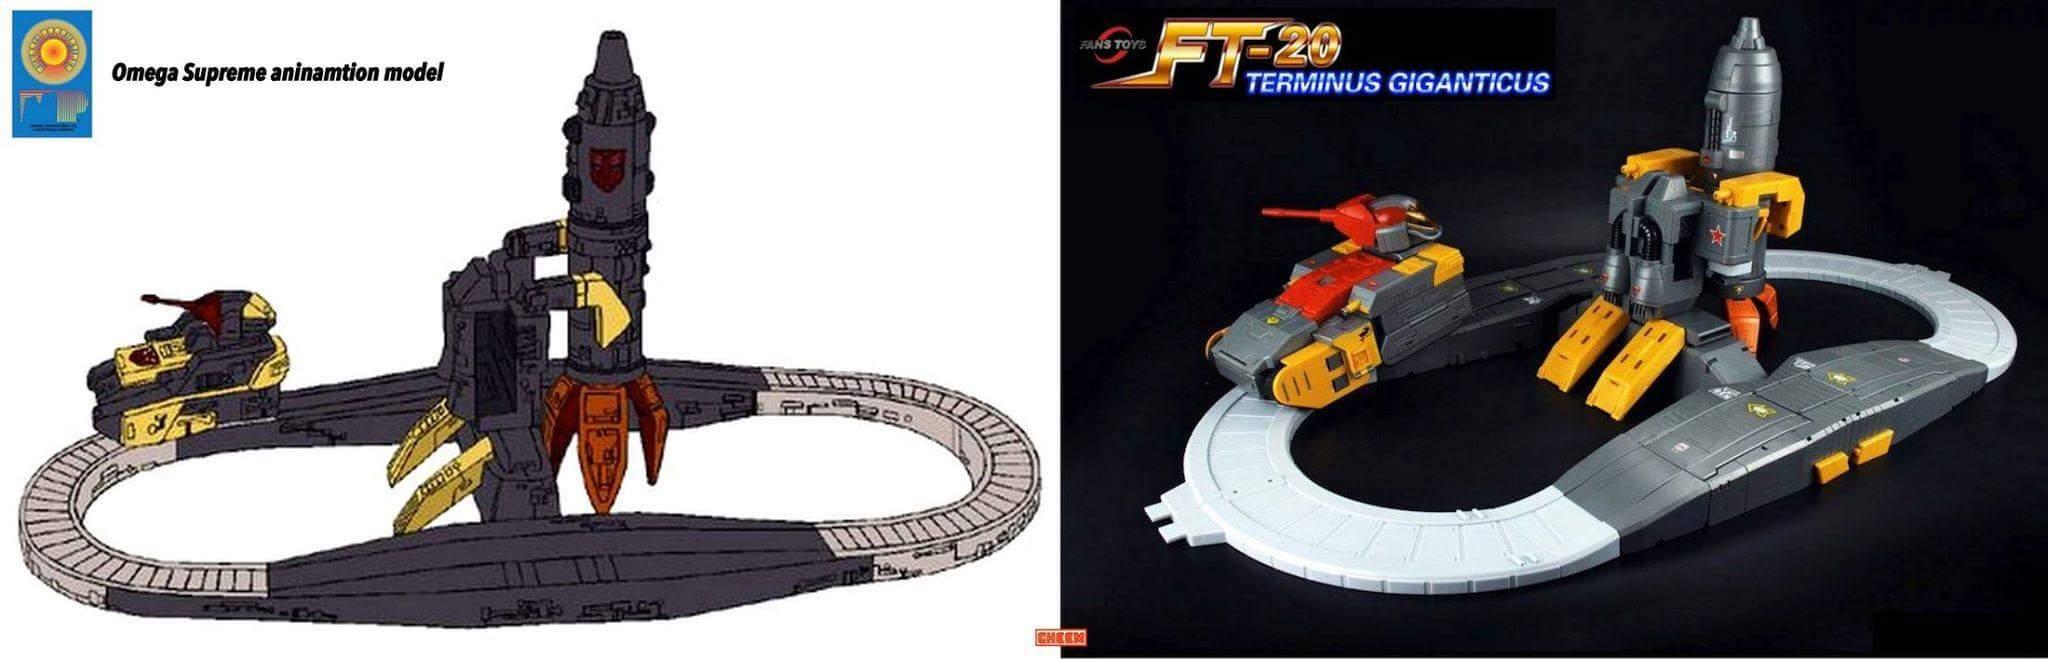 [Fanstoys] Produit Tiers - Jouets FT-20 et FT-20G Terminus Giganticus - aka Oméga Suprême et Omega Sentinel (Gardien de Cybertron) - Page 2 8GEKQwMr